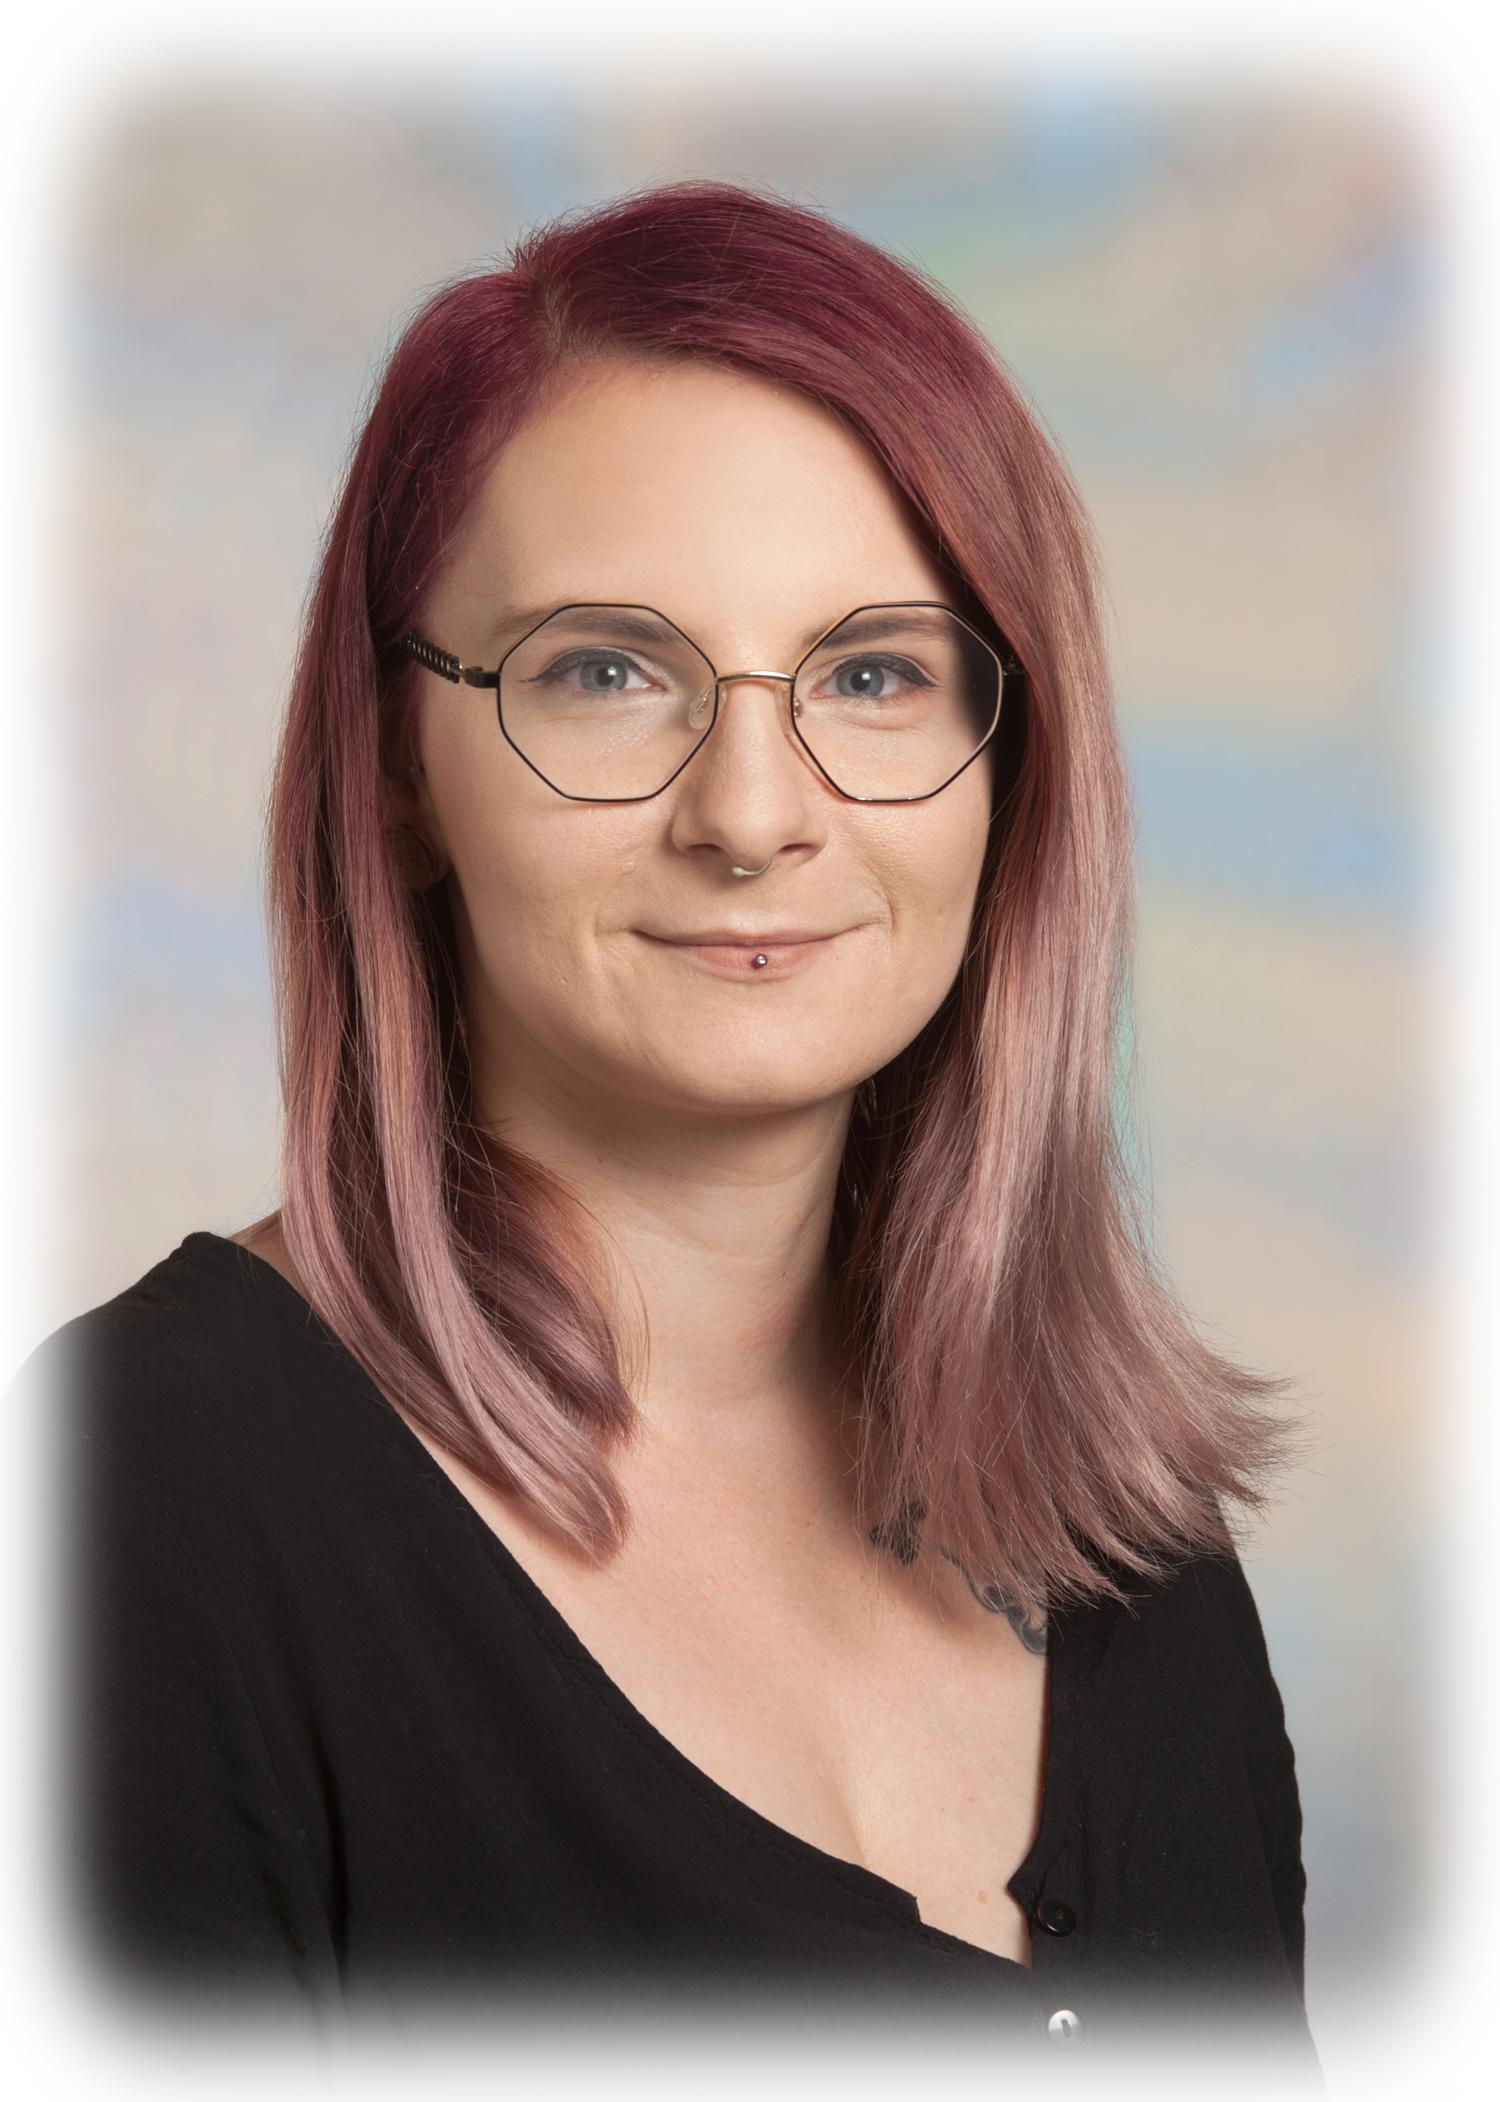 Laura Himmelbauer